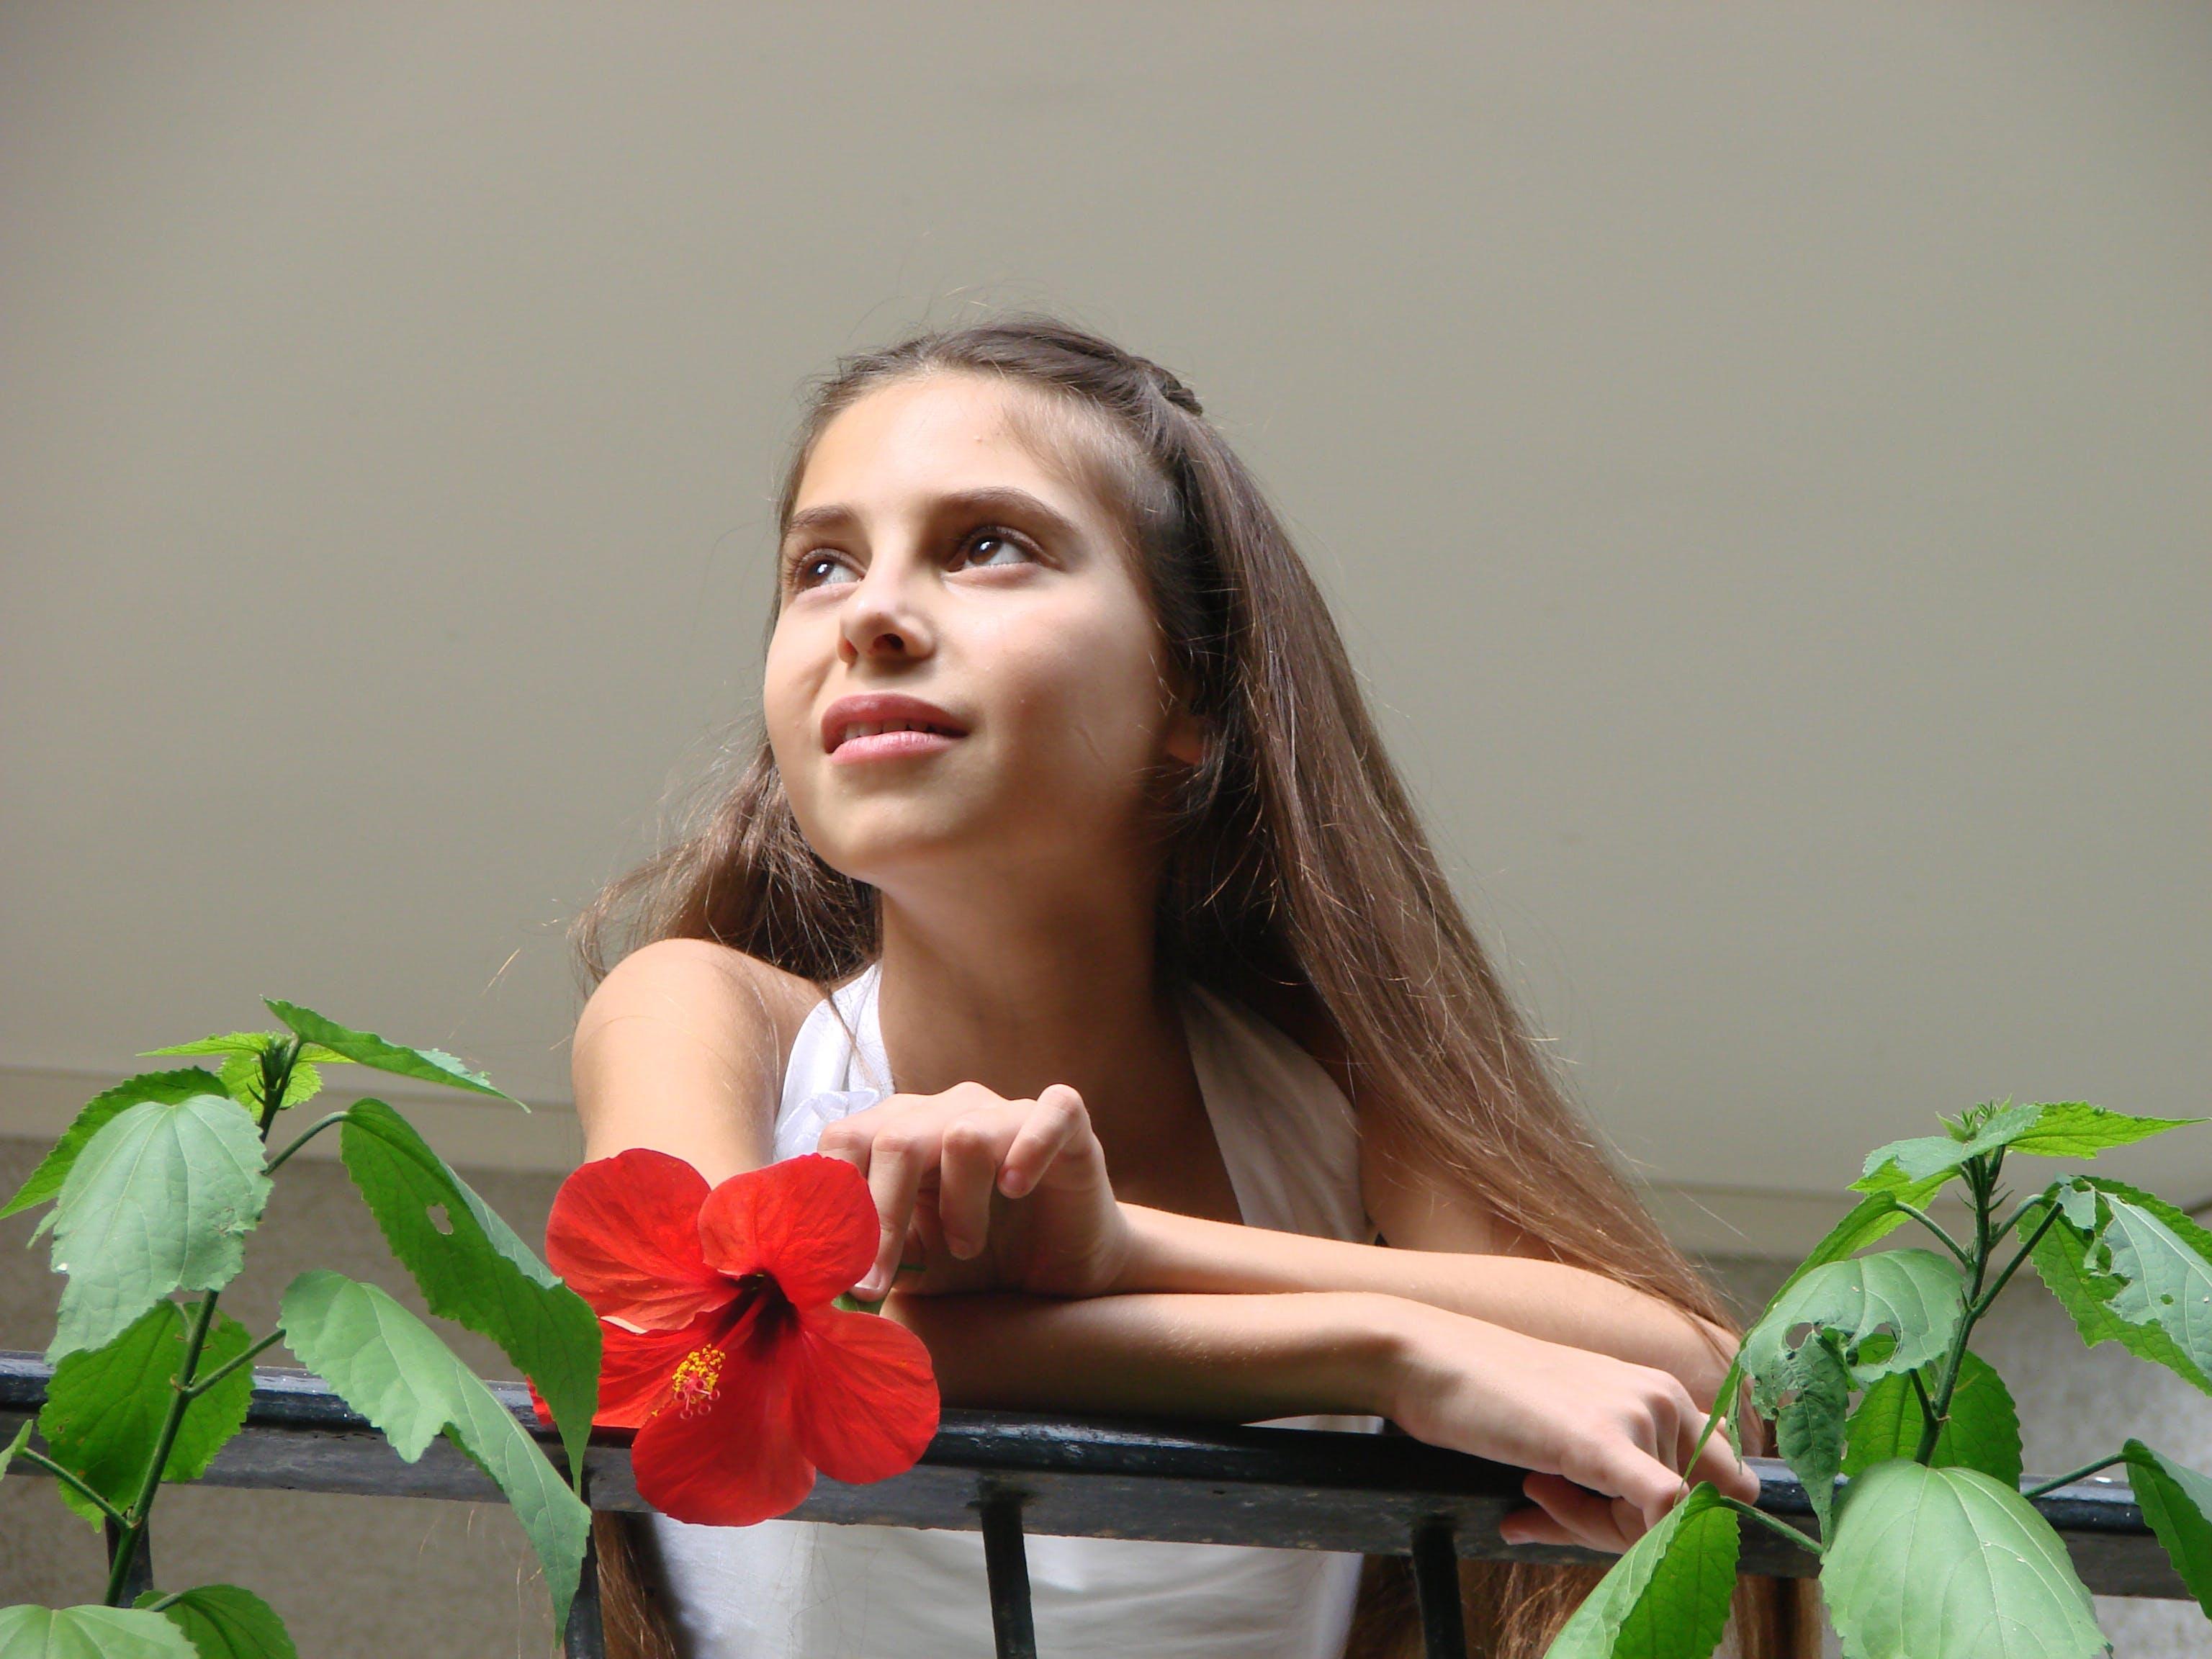 발코니에 붉은 꽃을 들고 어린 소녀, 하얀 드레스의 무료 스톡 사진